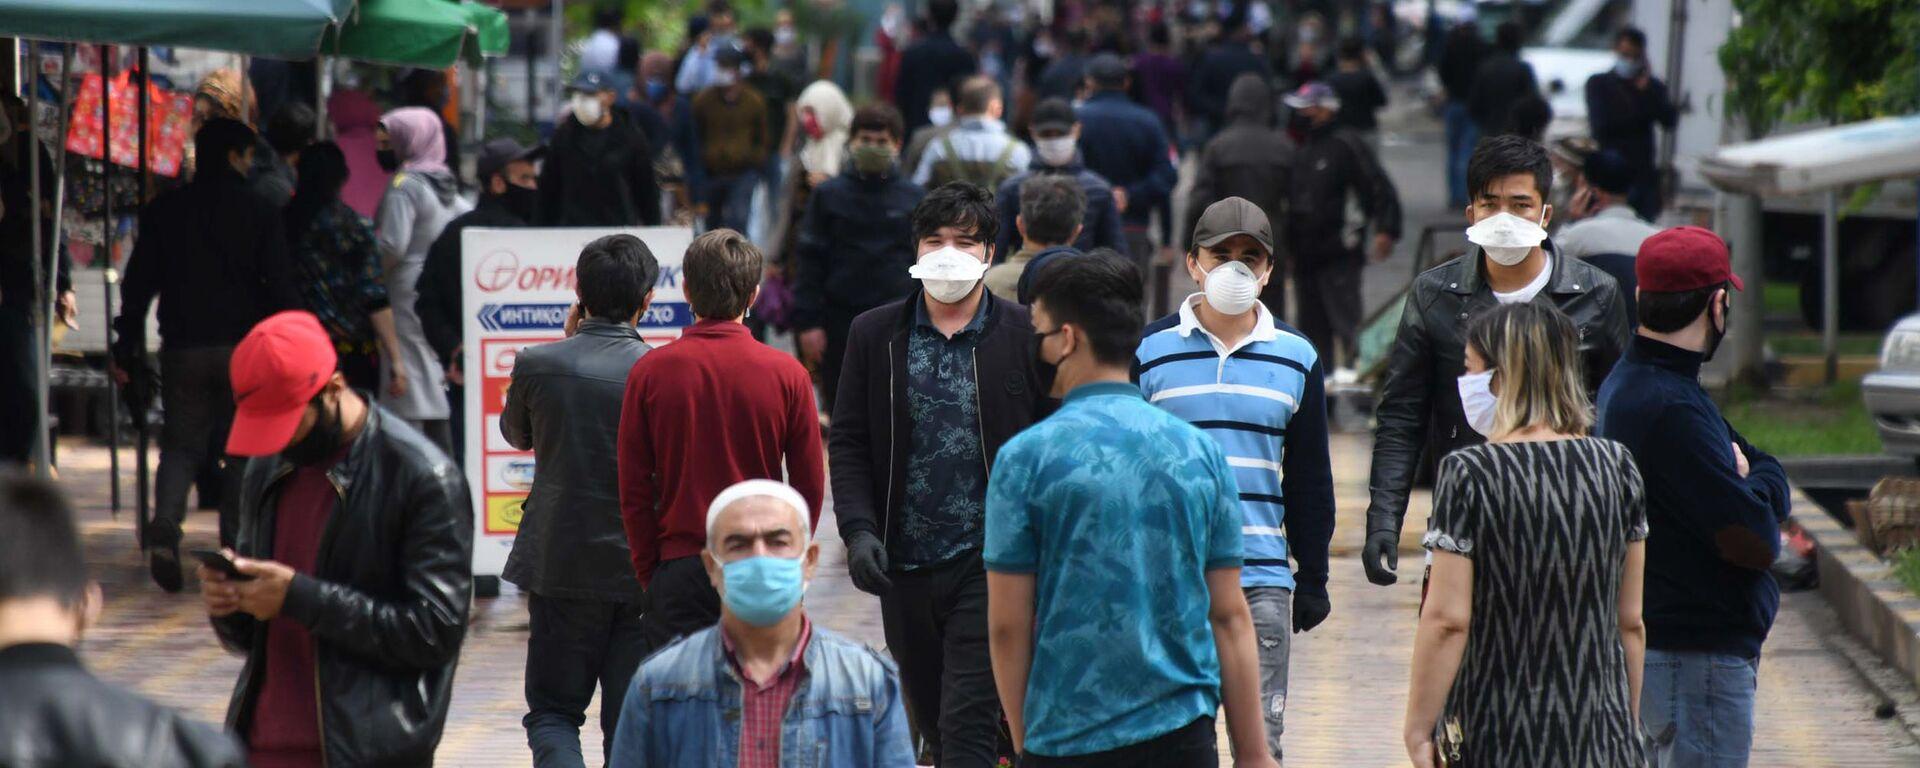 Жители города Душанбе в защитных масках на улице - Sputnik Таджикистан, 1920, 23.07.2021